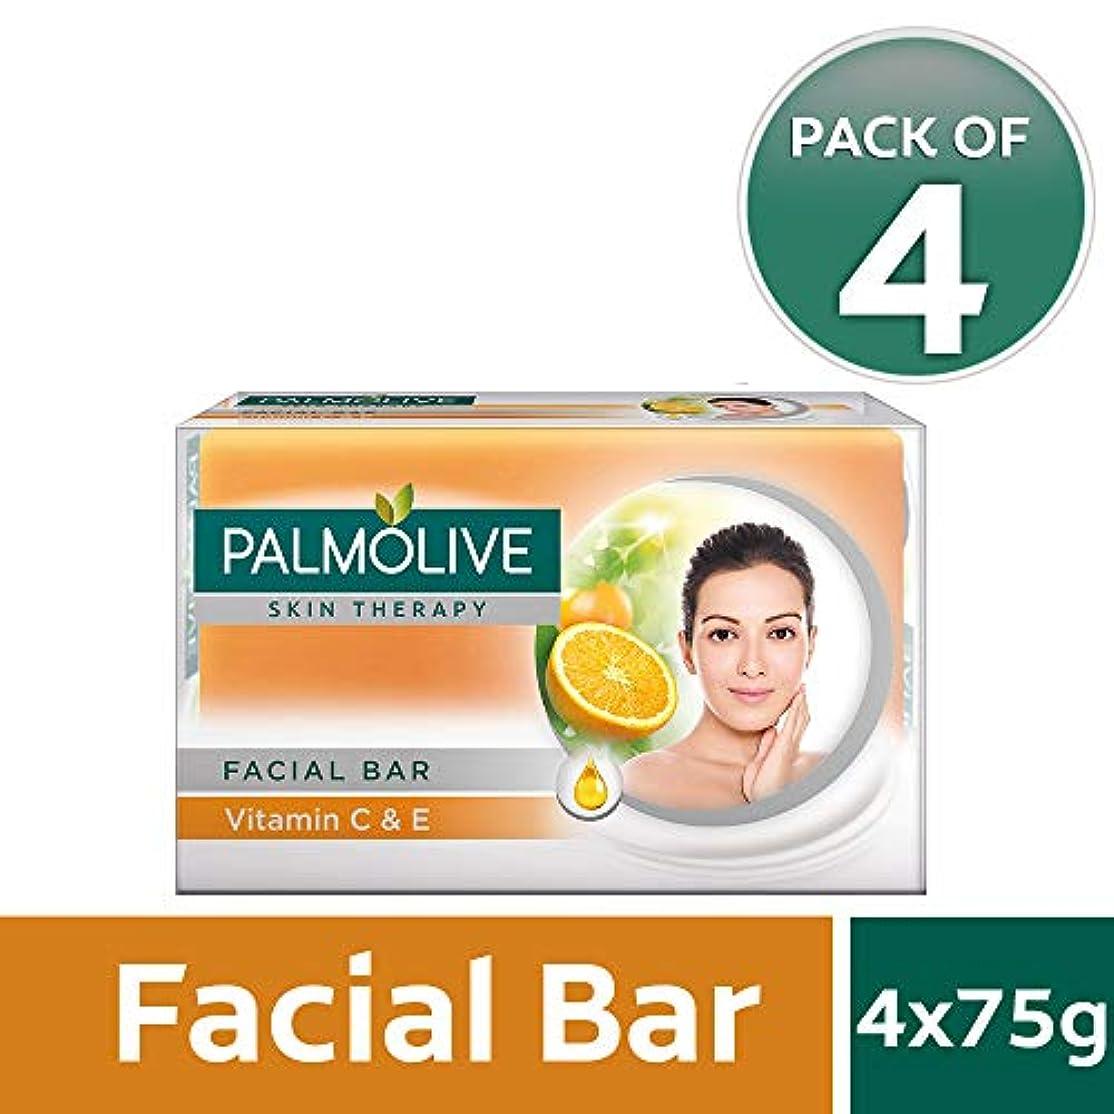 原稿近代化するブラシPalmolive Skin Therapy Facial Bar Soap with Vitamin C and E - 75g (Pack of 4)